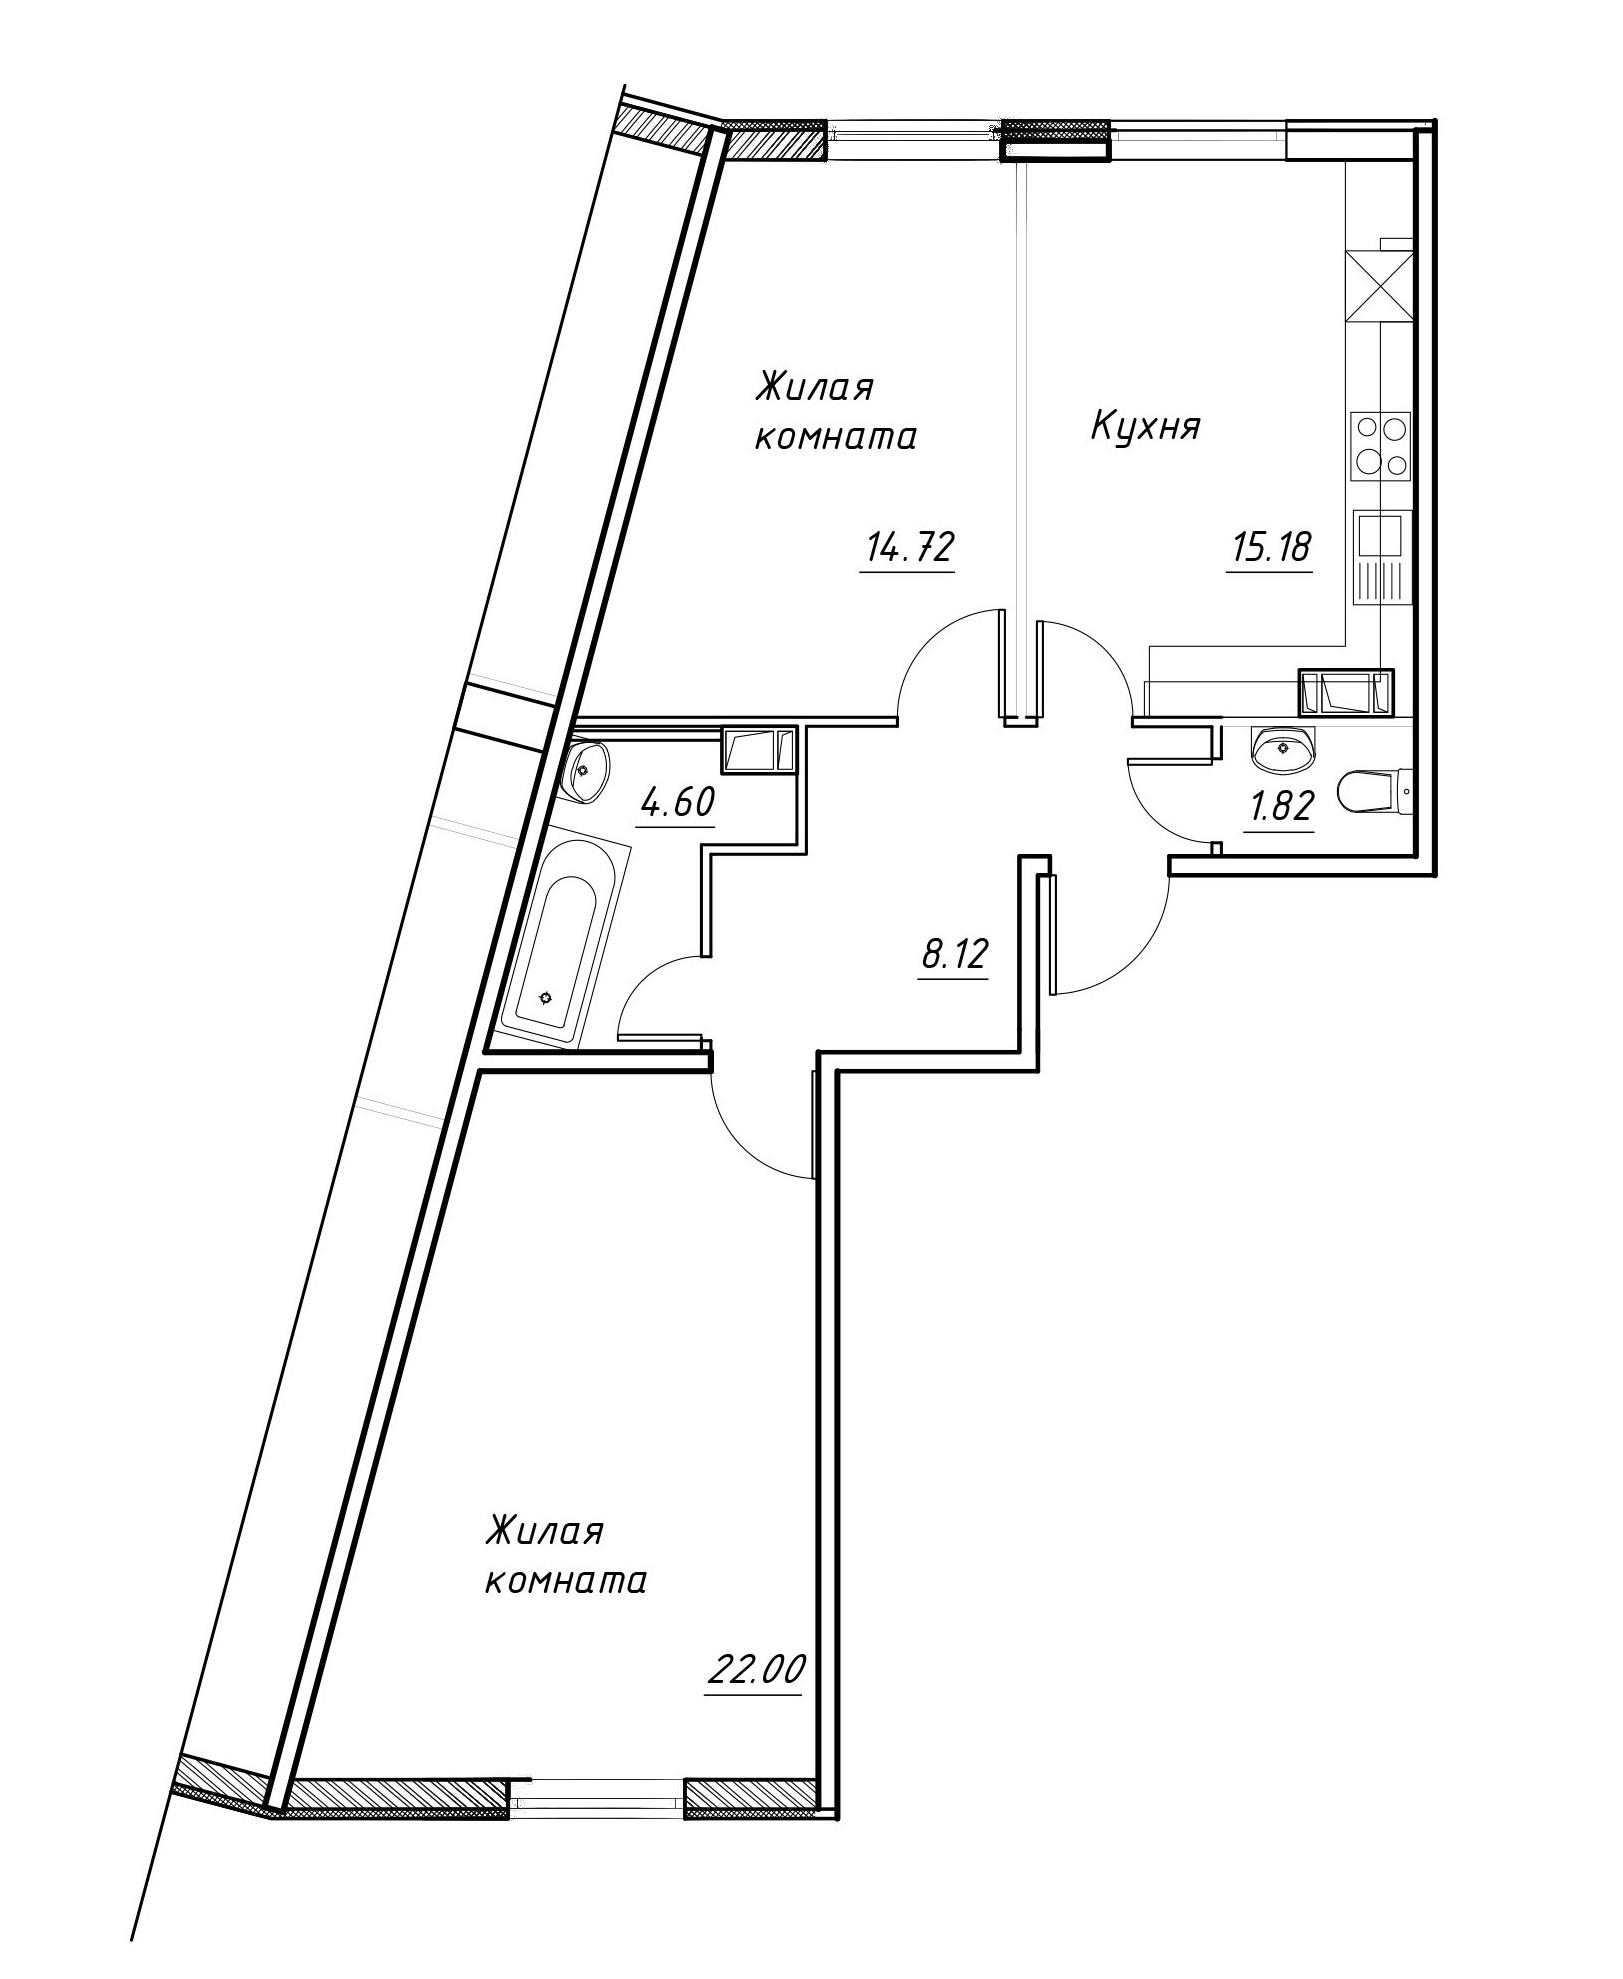 3-к.кв (евро), 65.58 м²